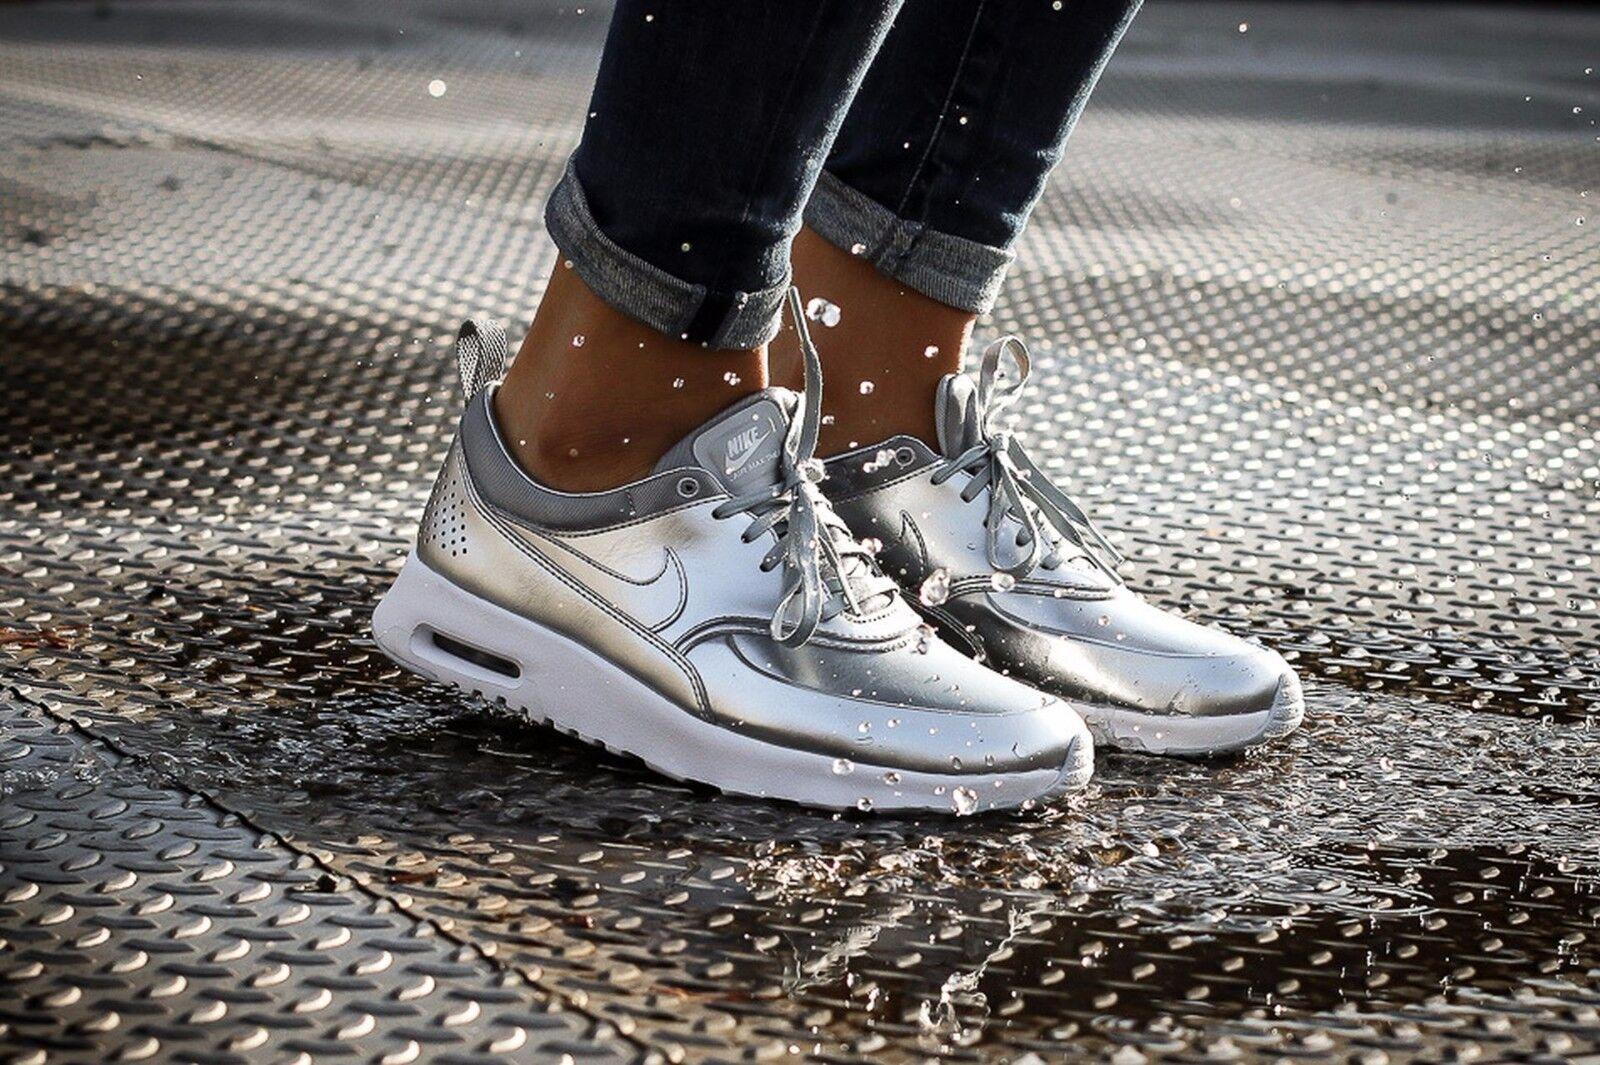 Nike Air Max Thea Metallic Wmn Sz 7.5 819640-001 Metallic Silver Metallic Silver